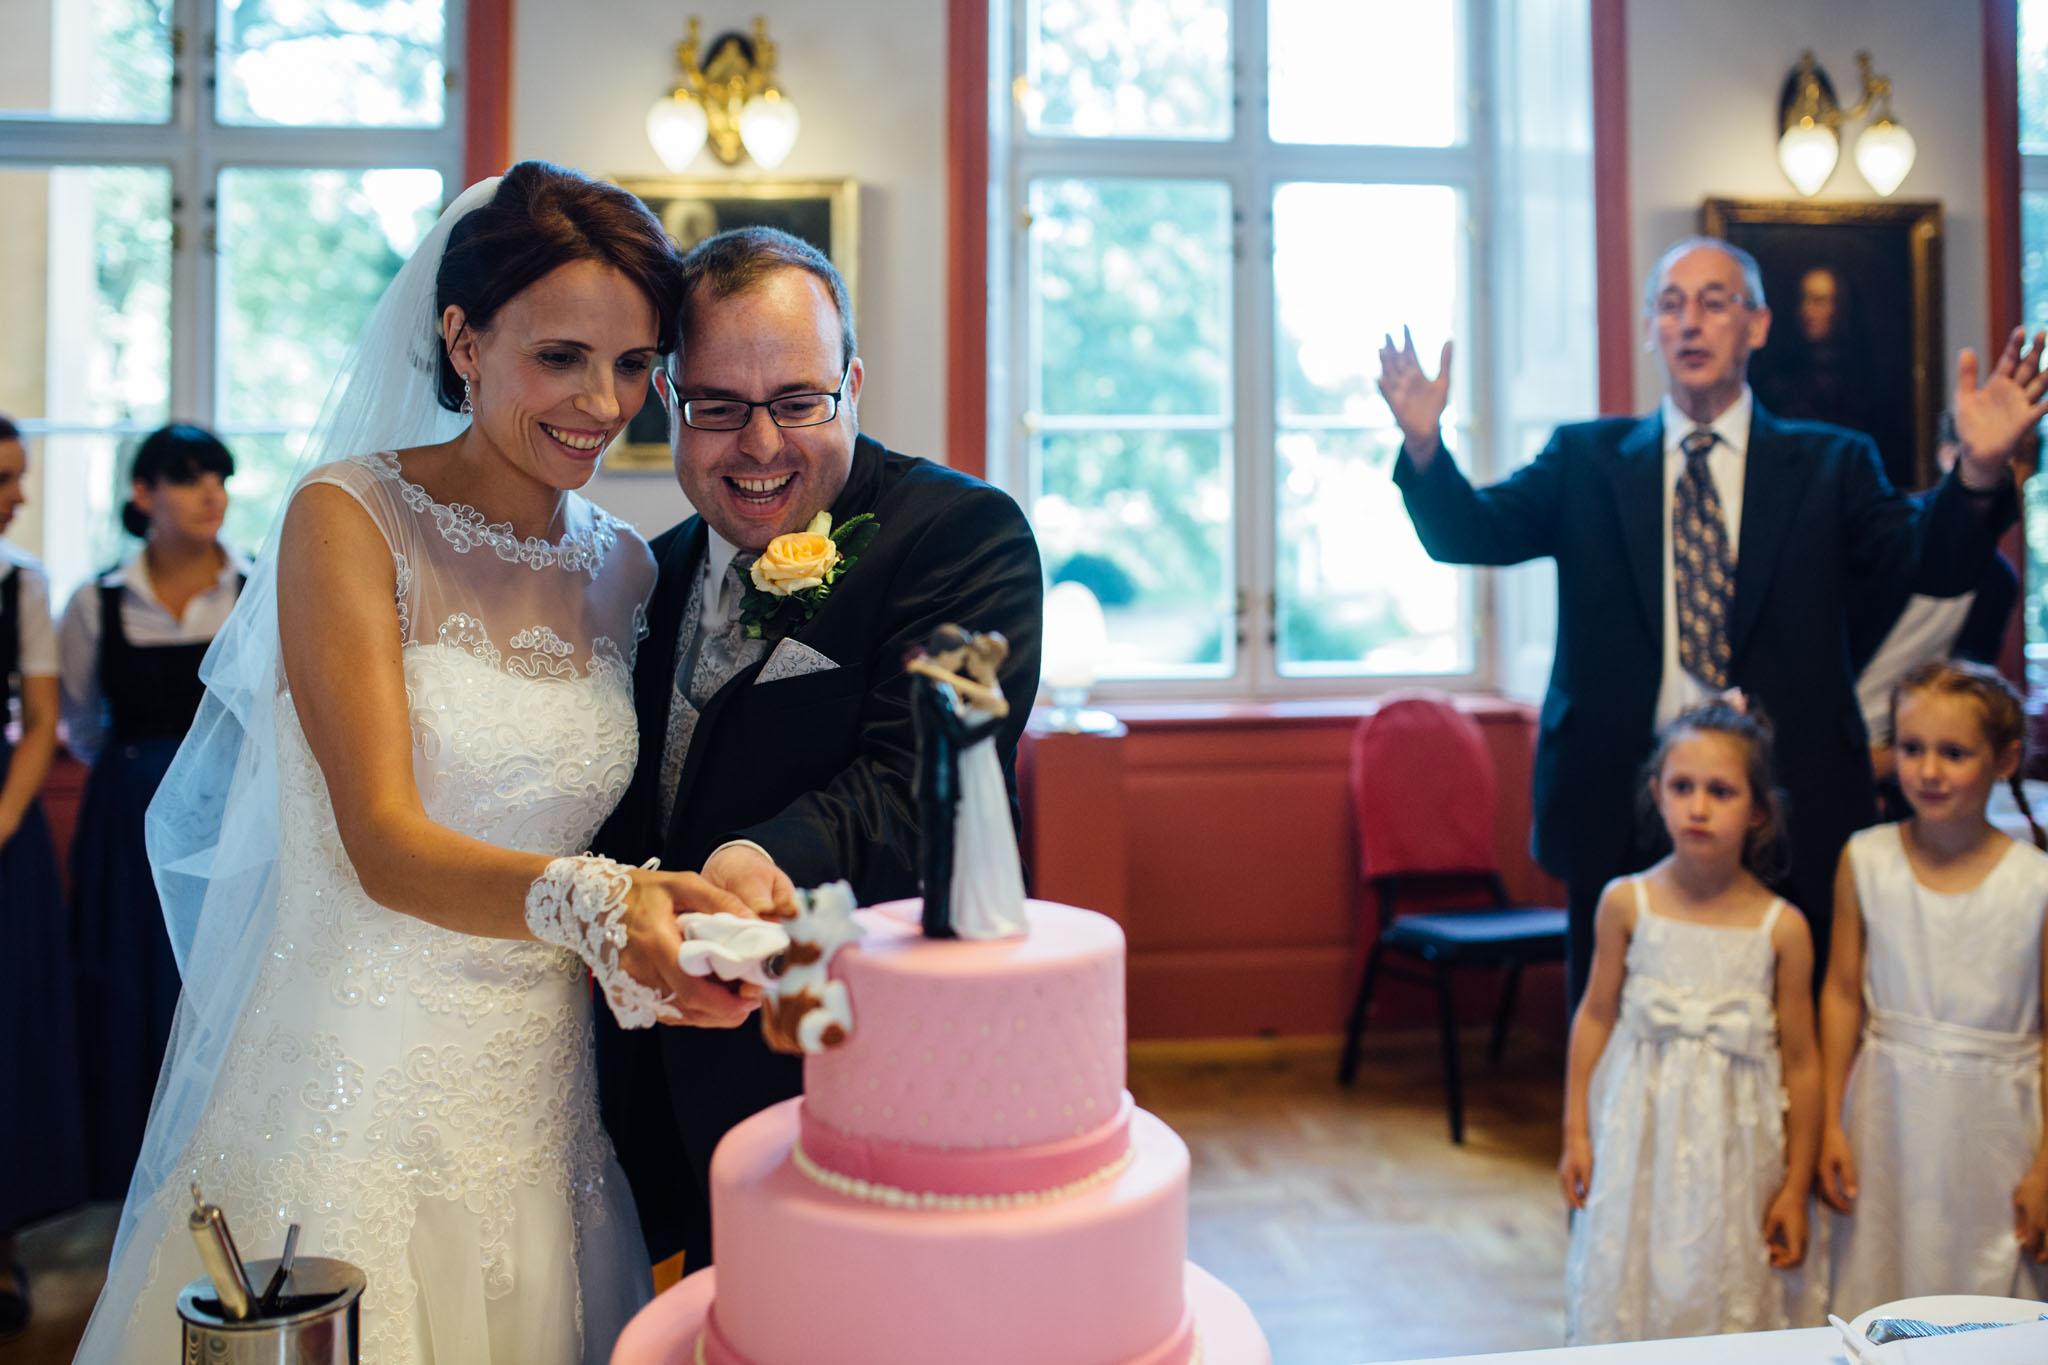 hochzeitsreportage-torte-anschneiden-fotograf